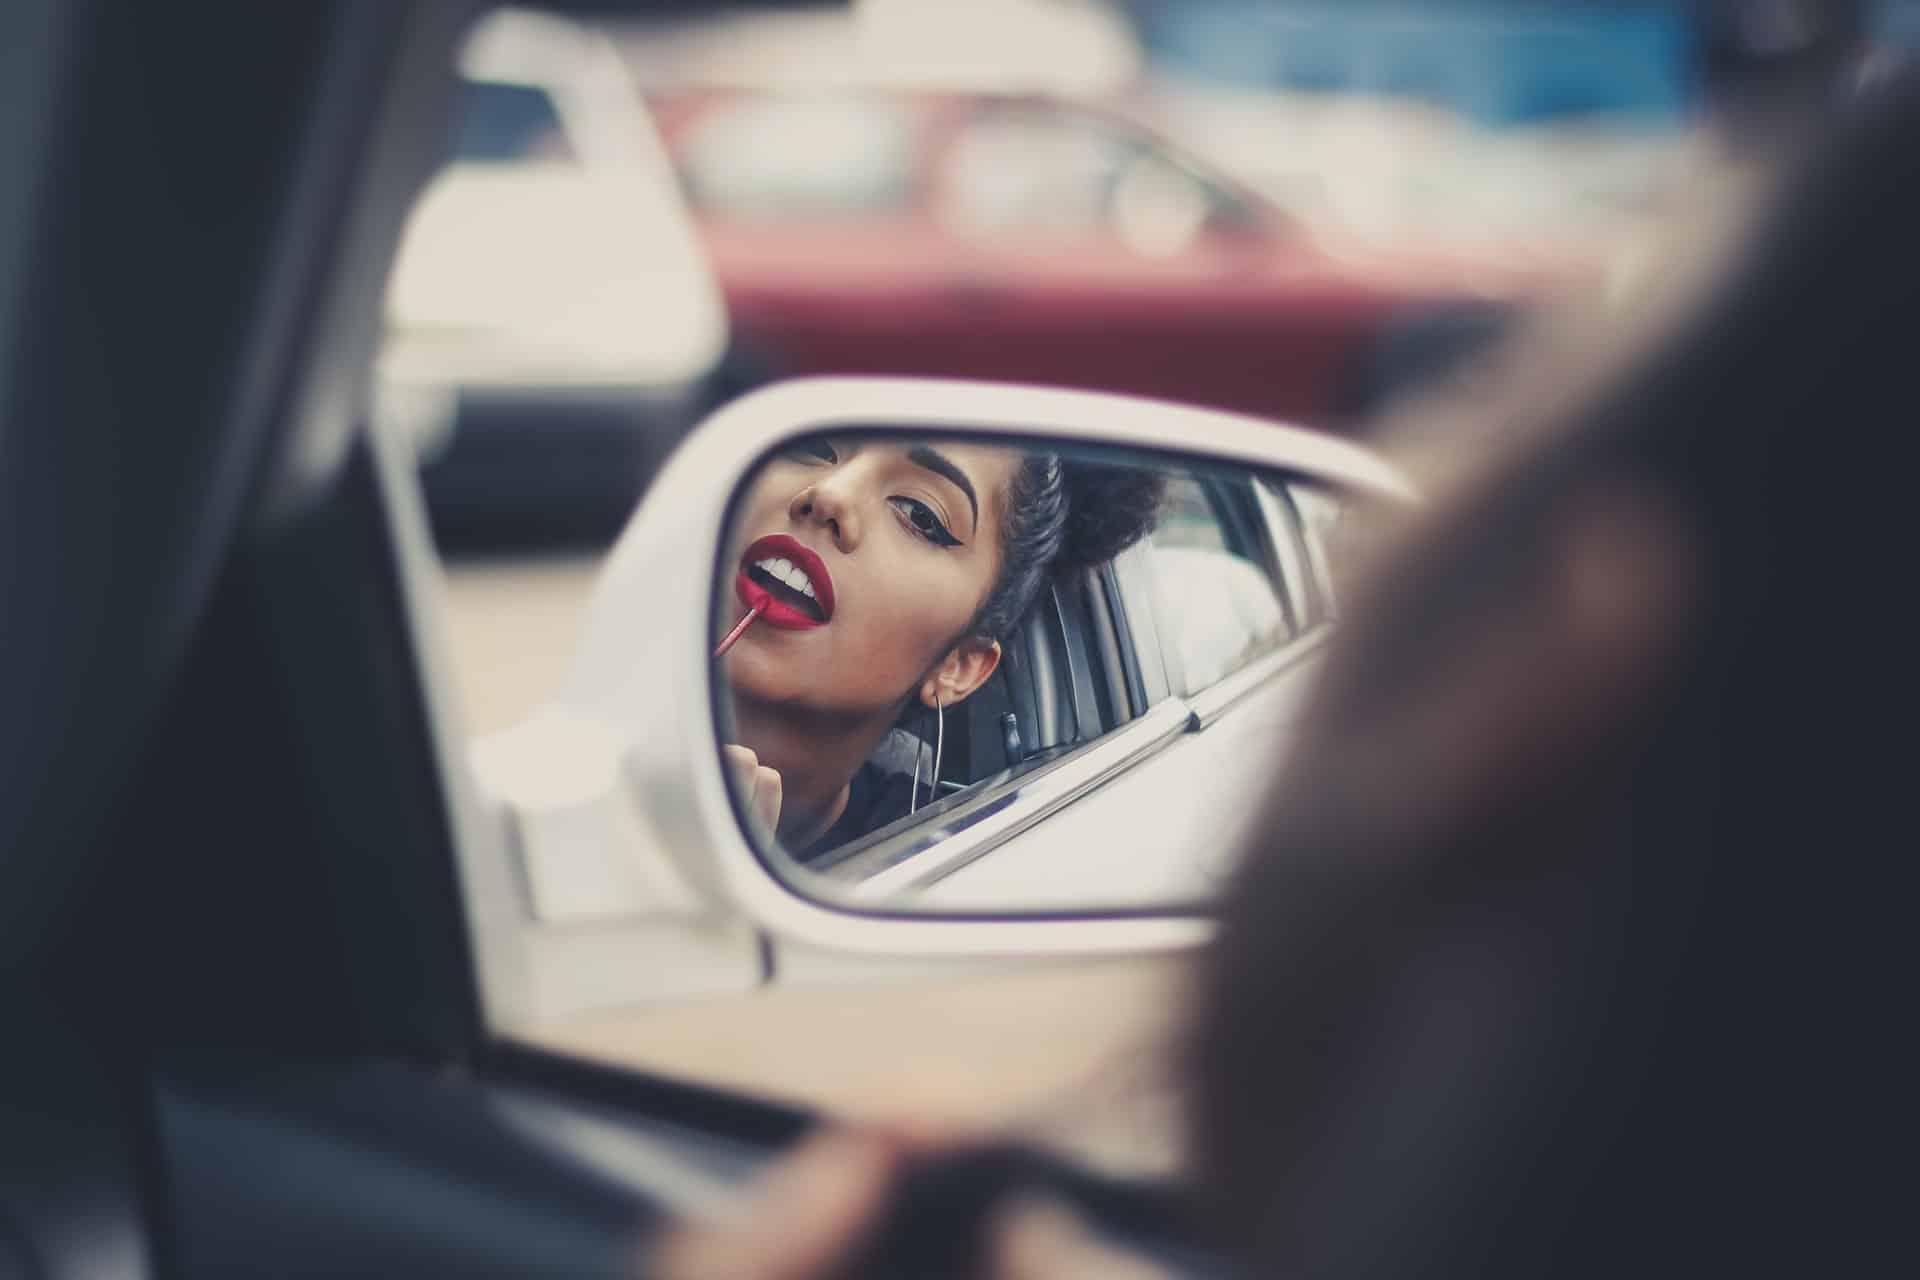 une femme fixe le rouge à lèvres dans une voiture